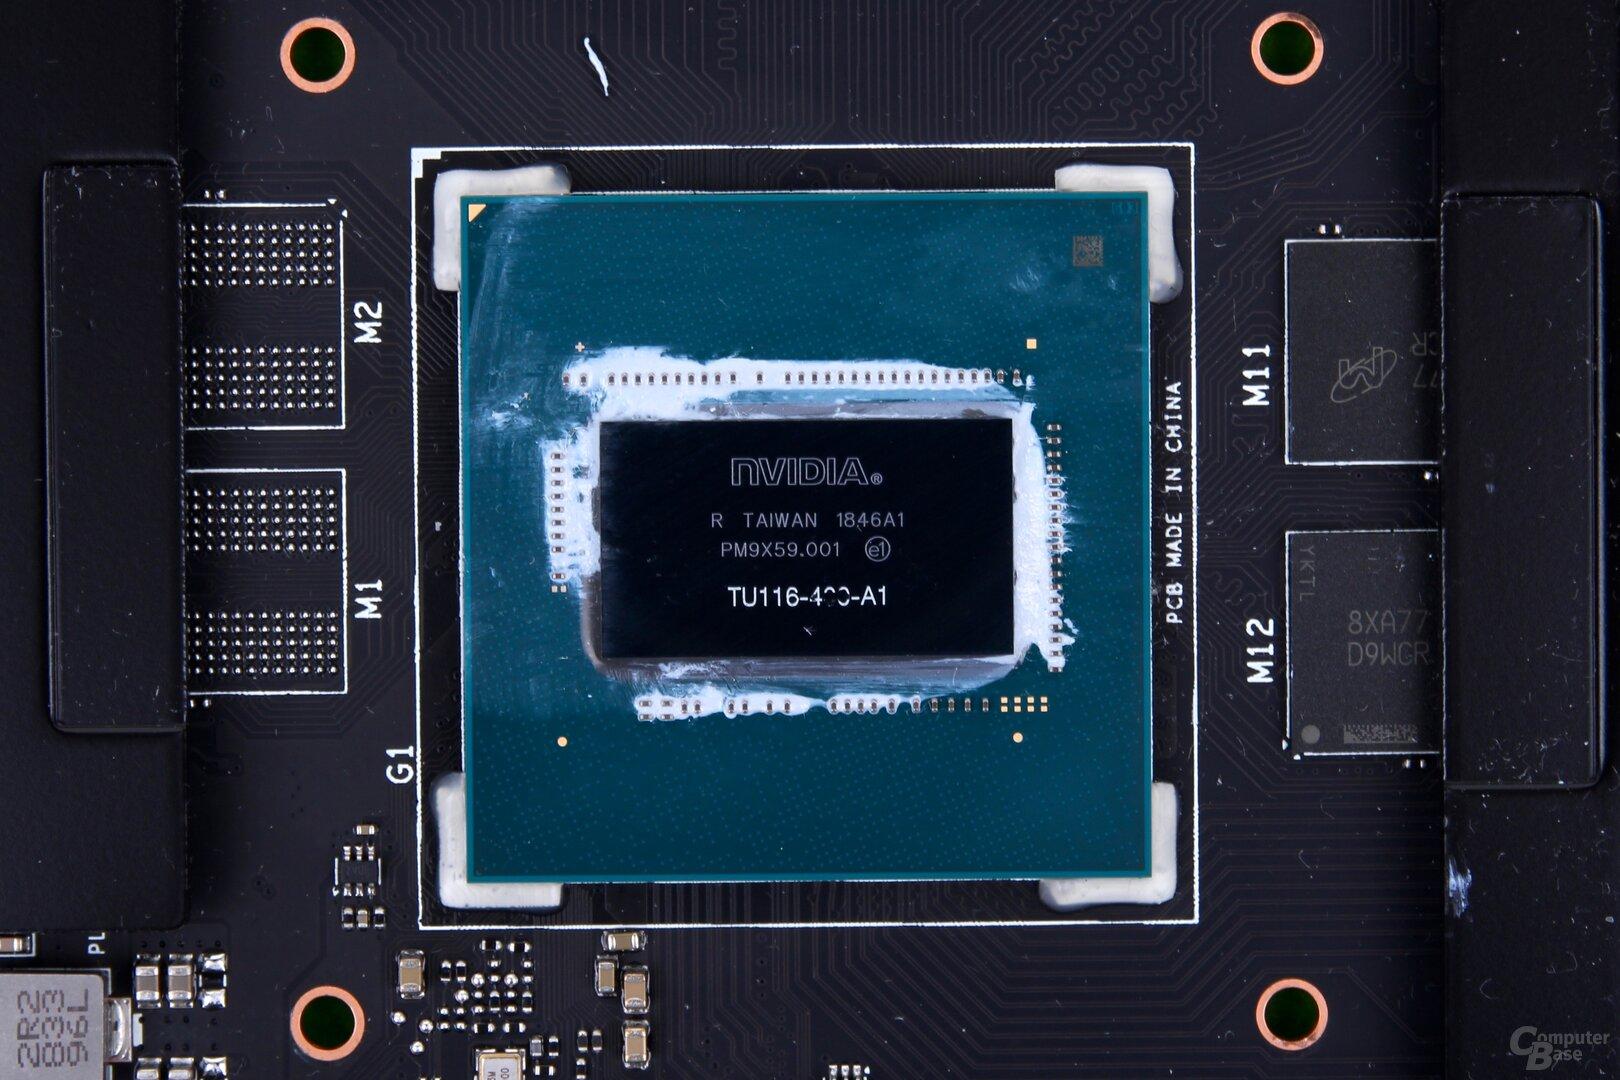 Die Turing-GPU TU116 auf der Grafikkarte von Asus